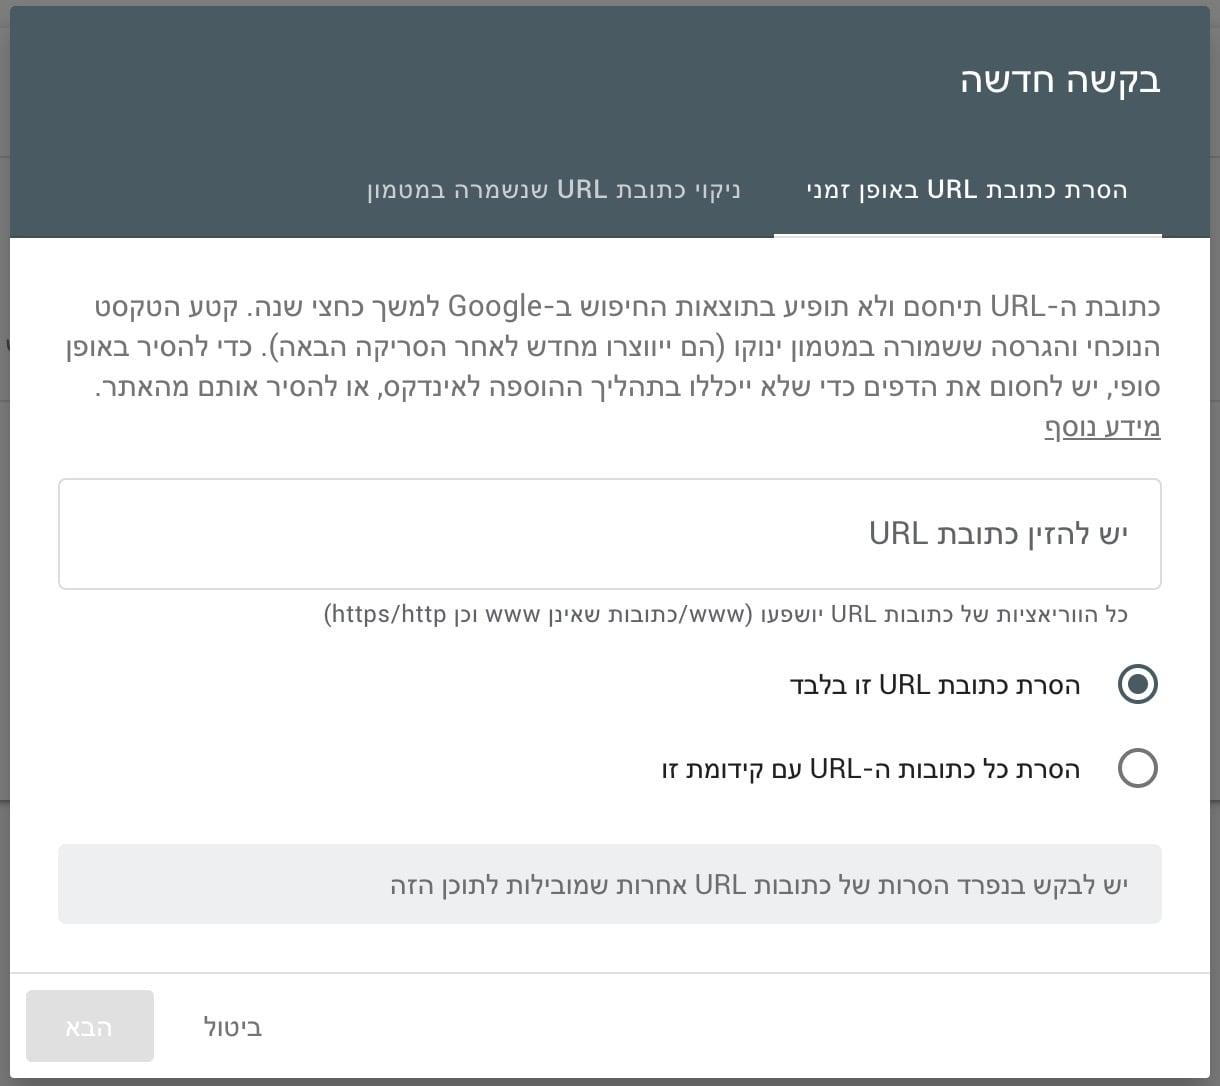 הסרת כתובות URL באופן זמני - Temporarily remove URLs